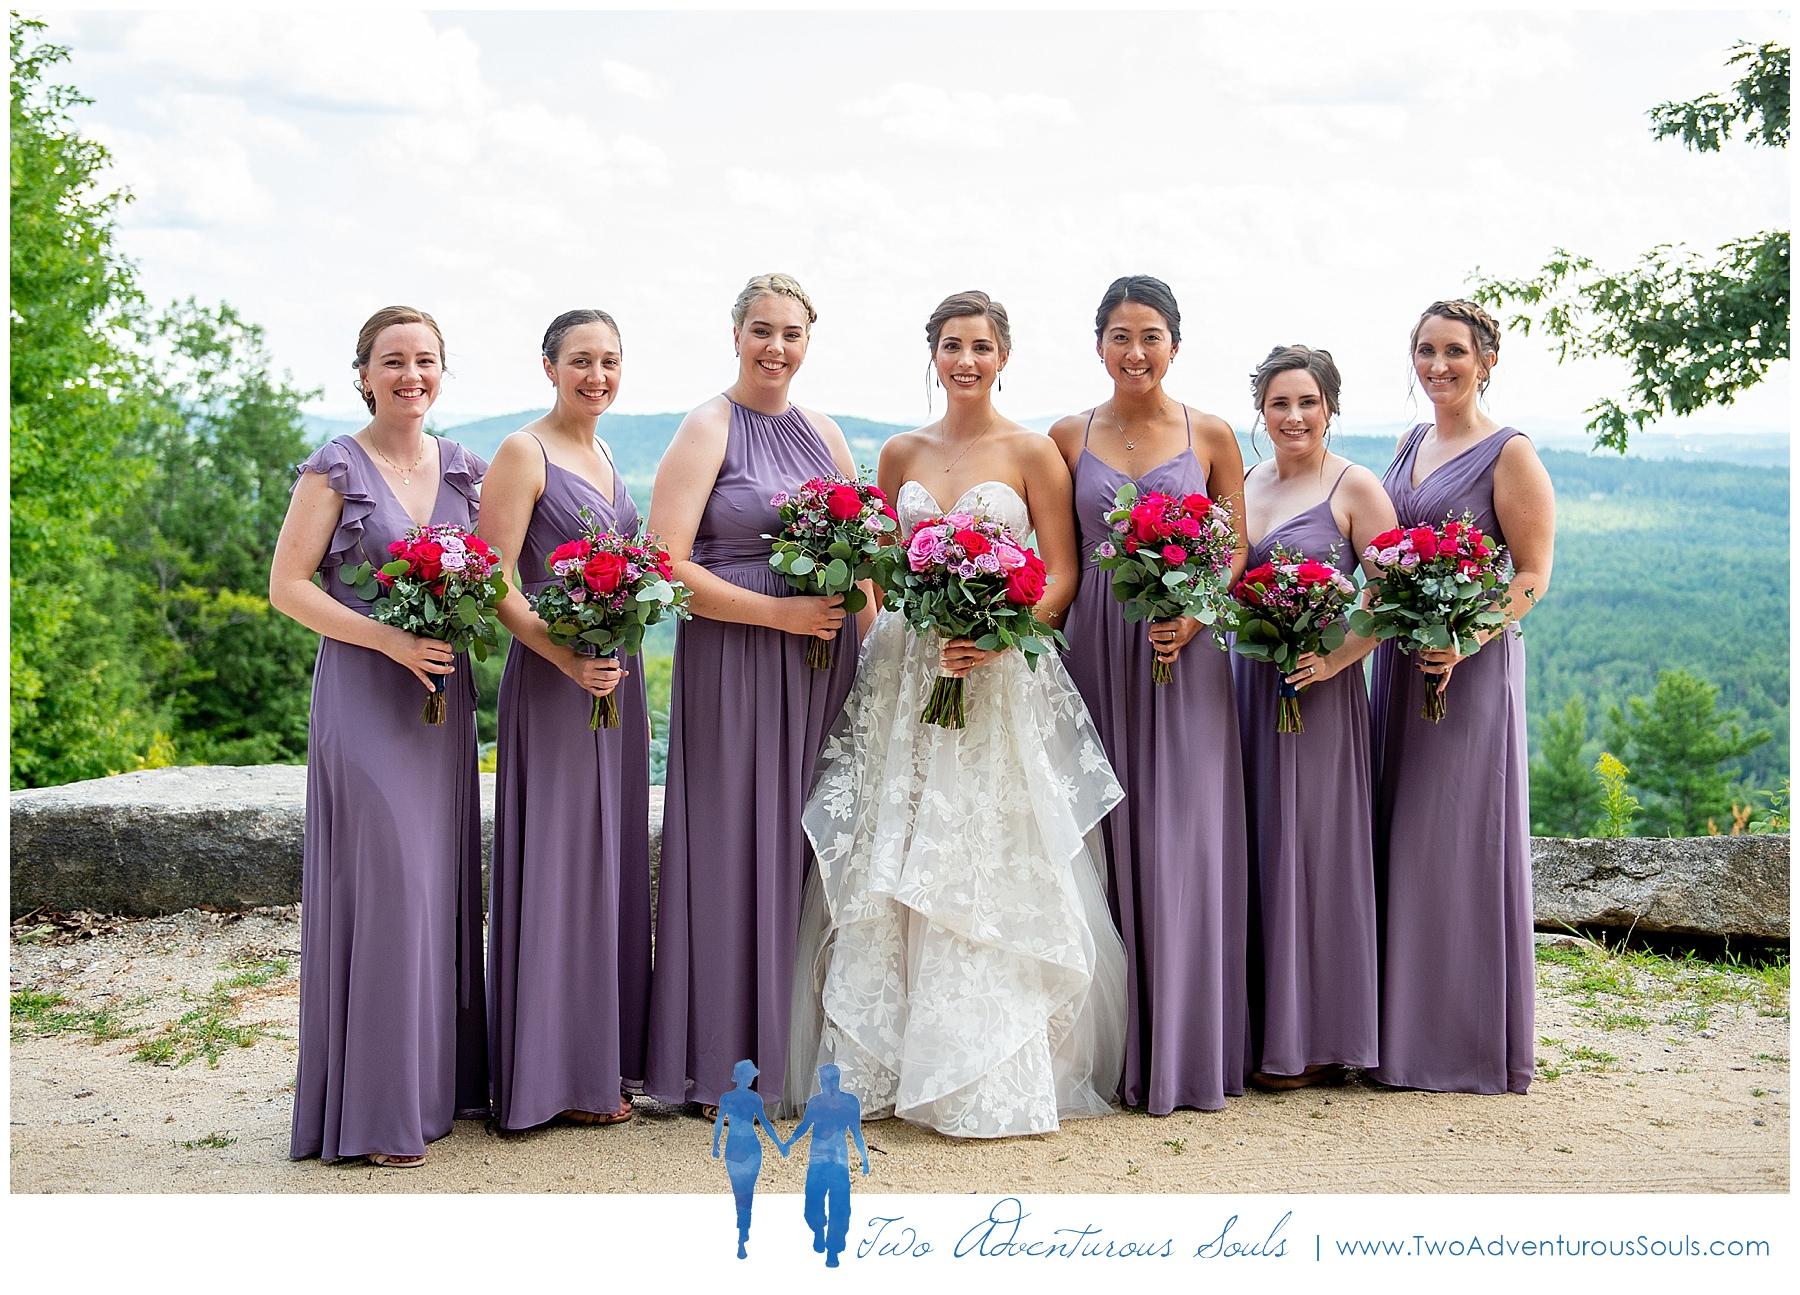 Maine Wedding Photographers, Granite Ridge Estate Wedding Photographers, Two Adventurous Souls - 080319_0018.jpg